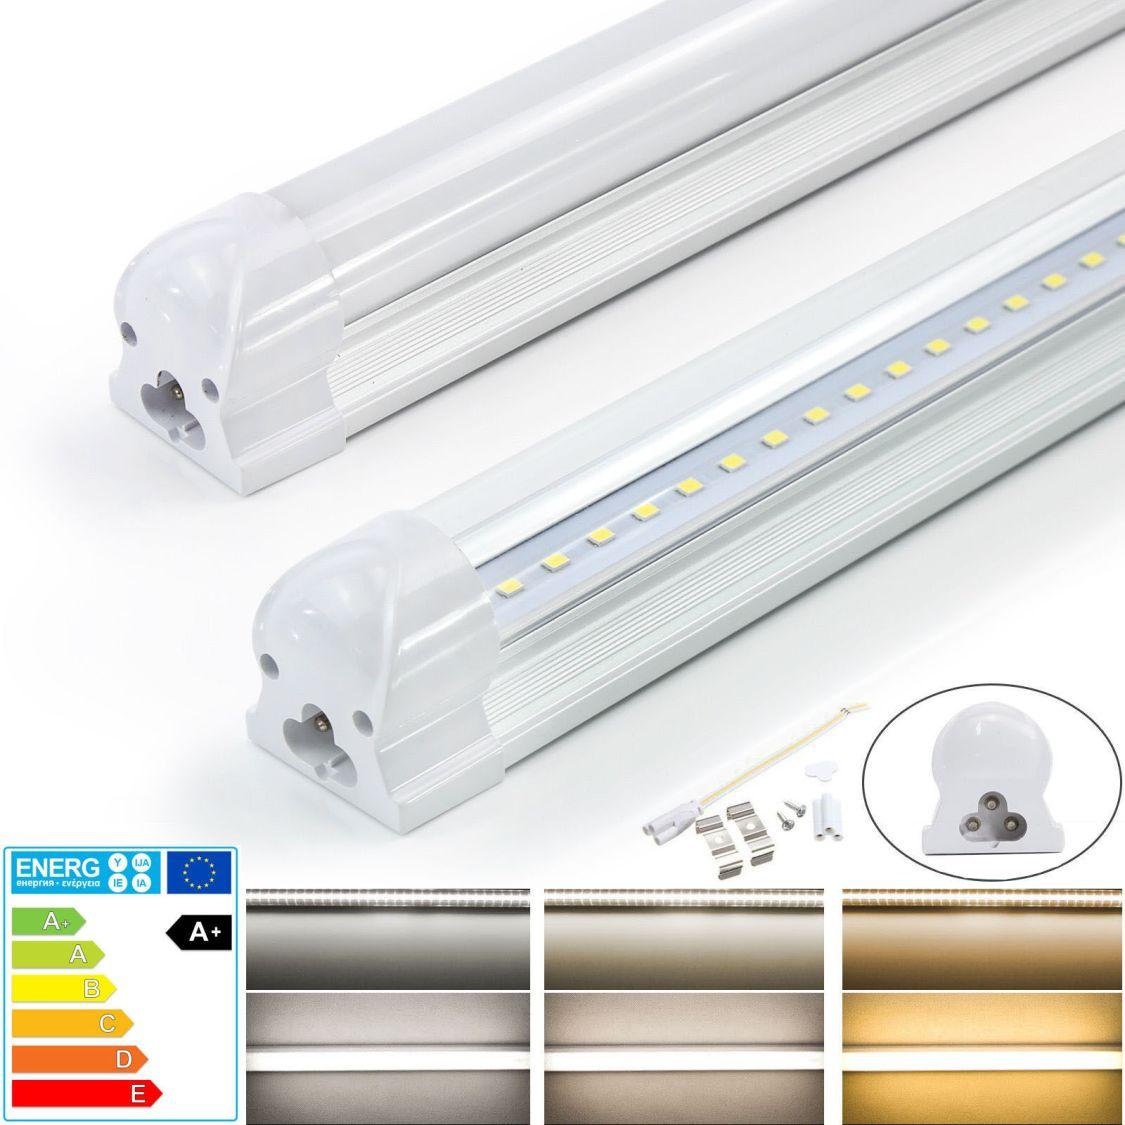 LED Leuchtstoffröhre Mit Fassung Leuchtstofflampe Komplett Lichtleiste T8 Tube